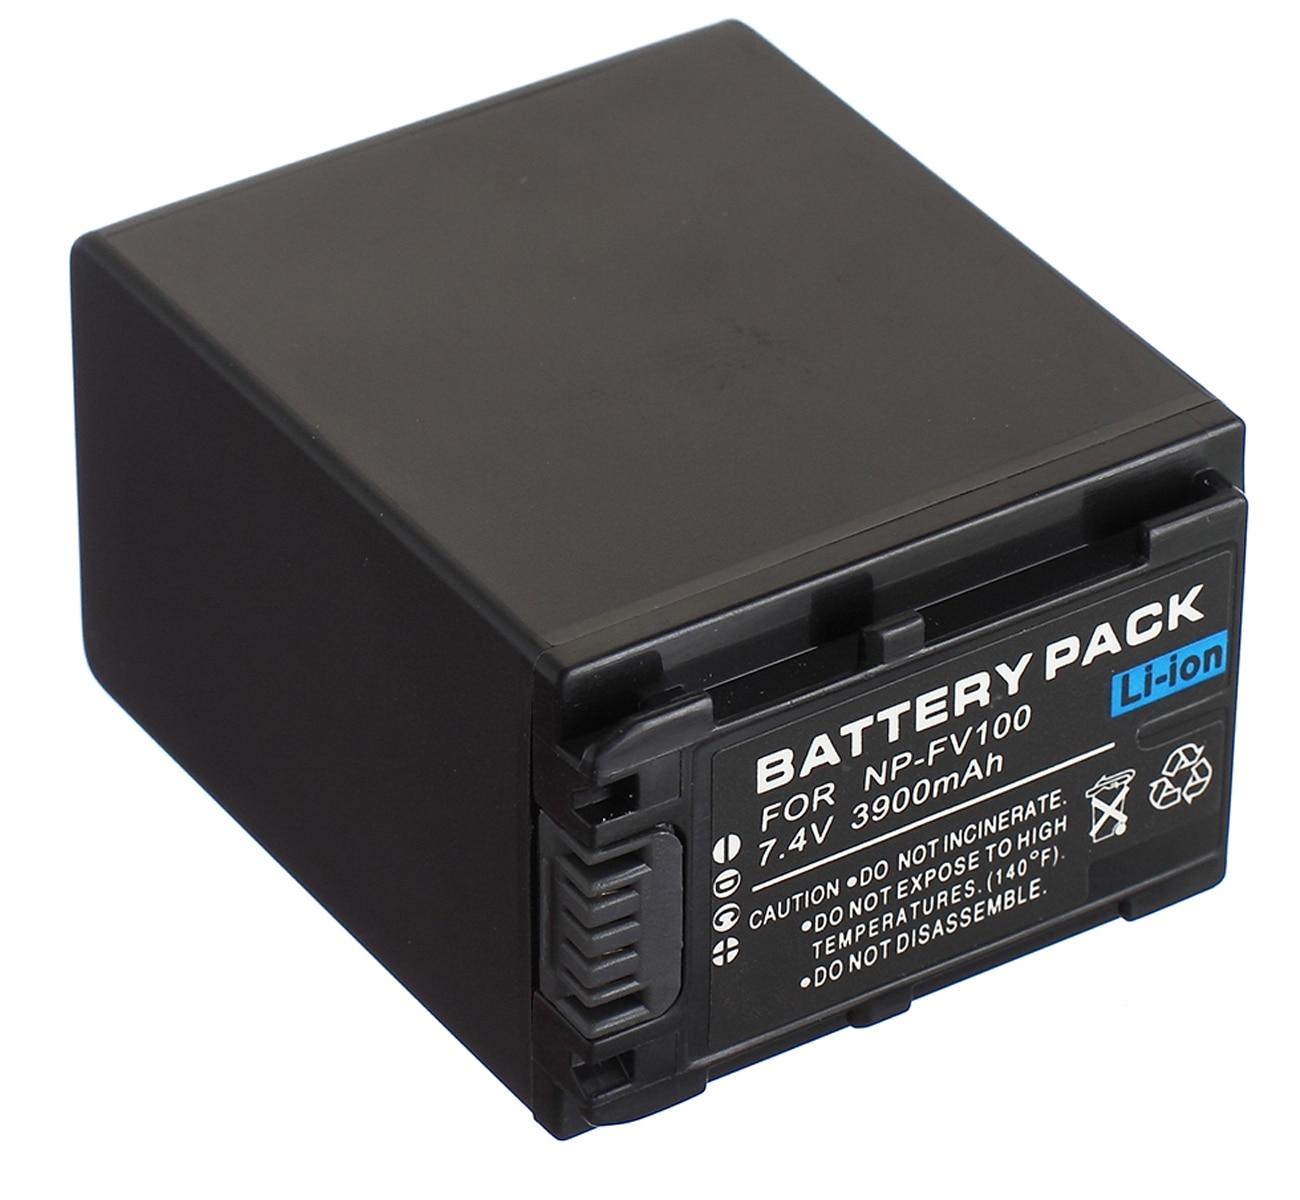 Paquete de baterías para Sony HDR-CX110, HDR-CX130, HDR-CX150, HDR-CX155, HDR-CX160, HDR-CX170, HDR-CX180,...